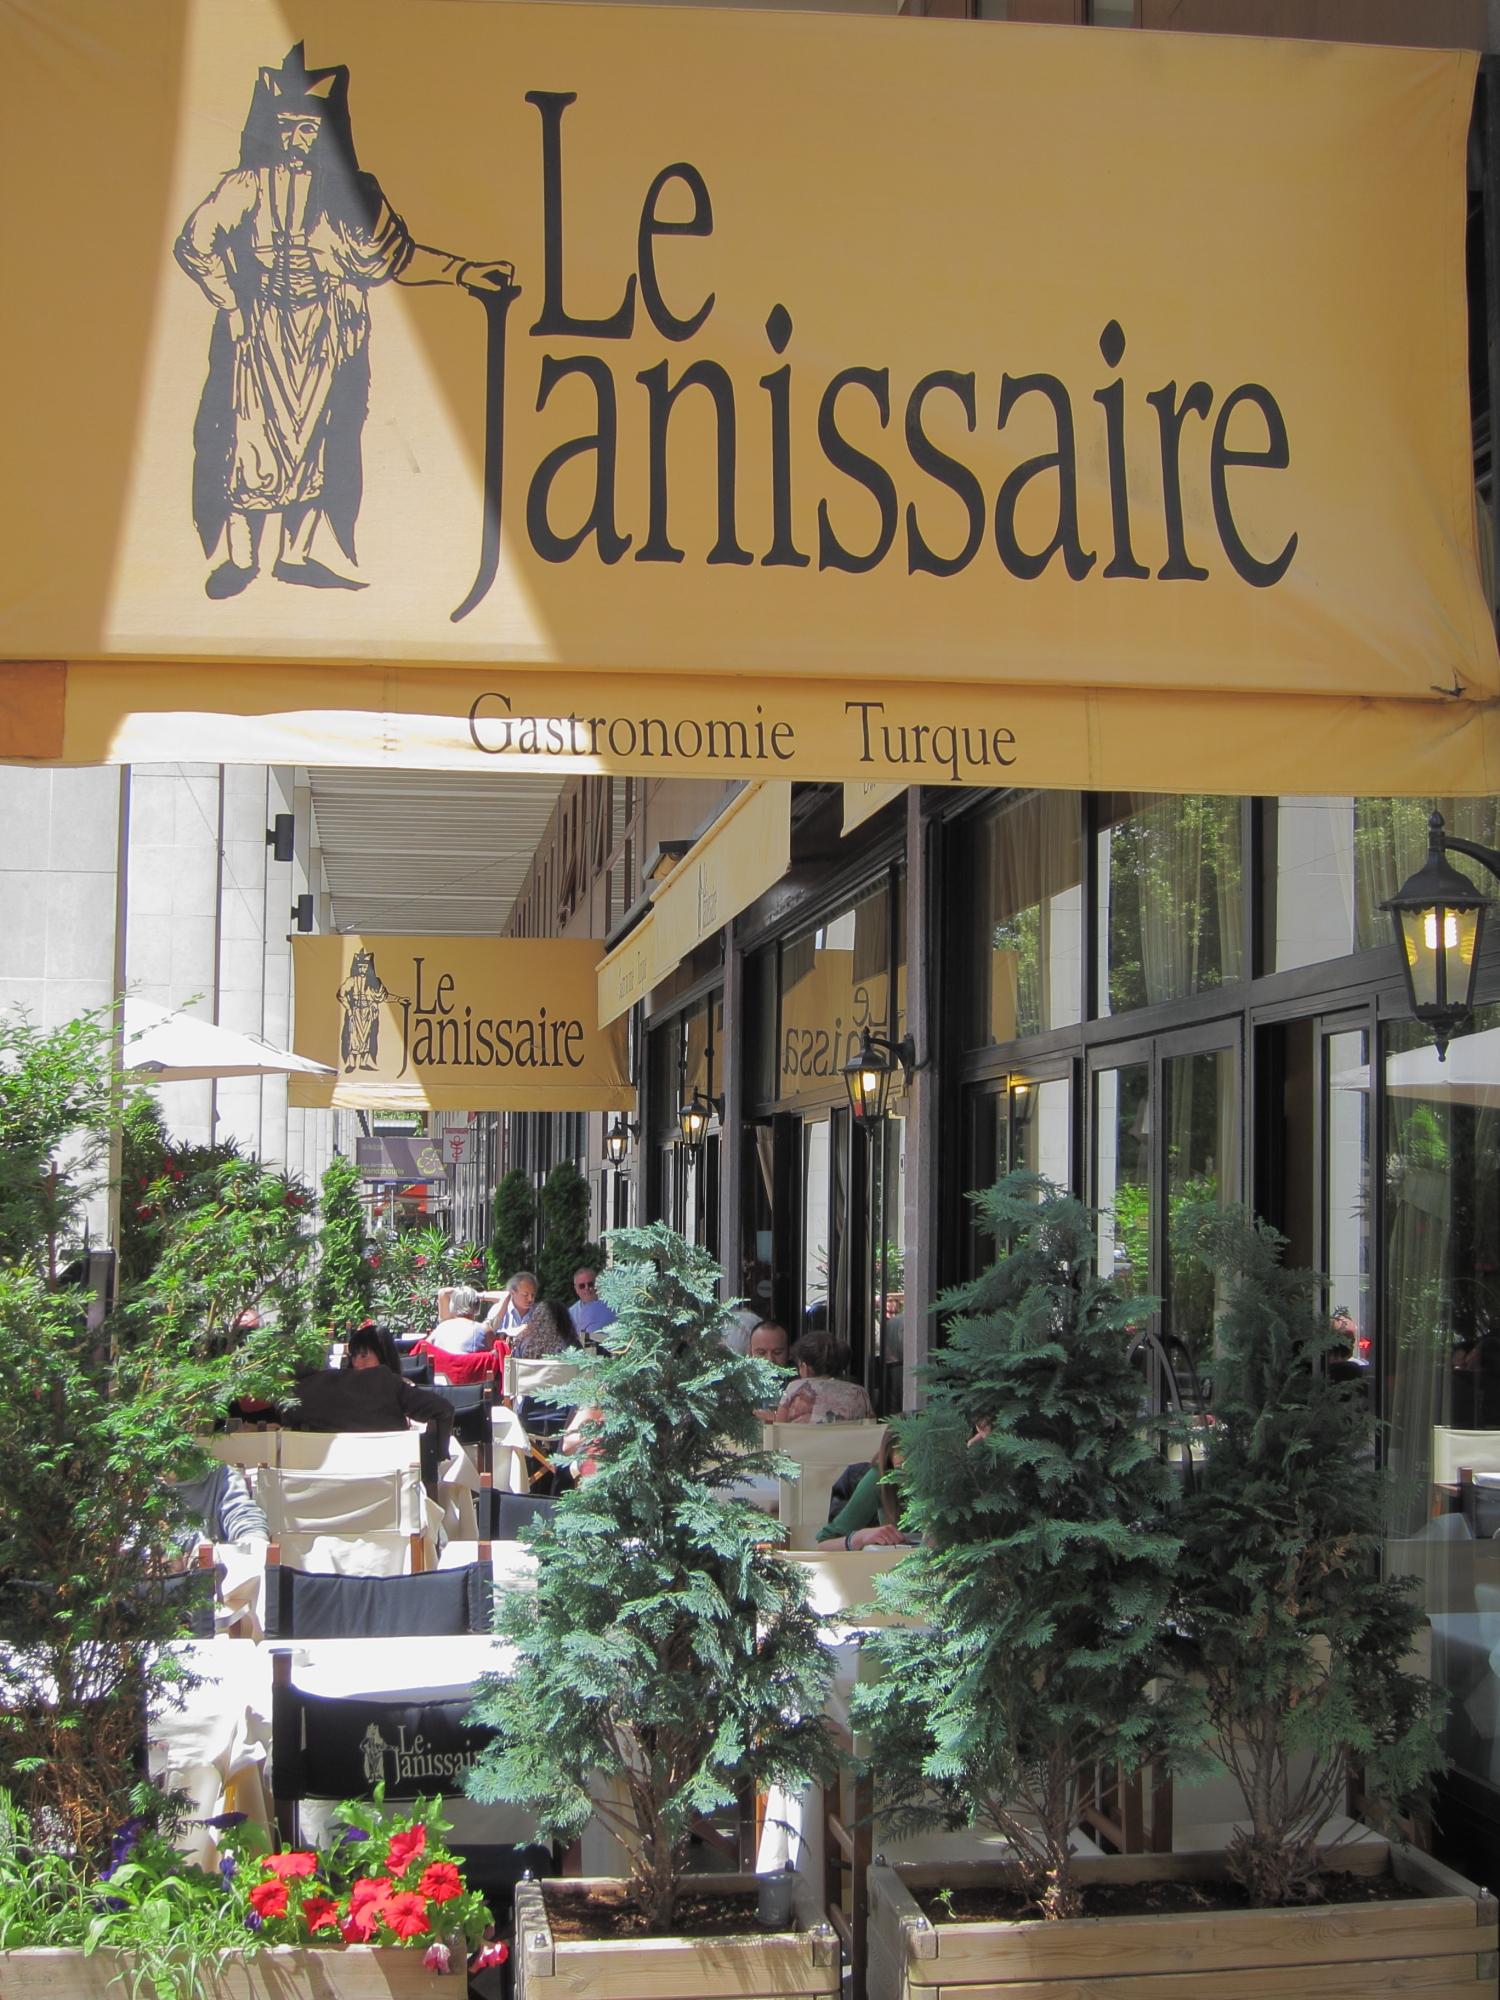 The sunny terrace of Le Janissaire, a Turkish restaurant near métro Daumesnil.